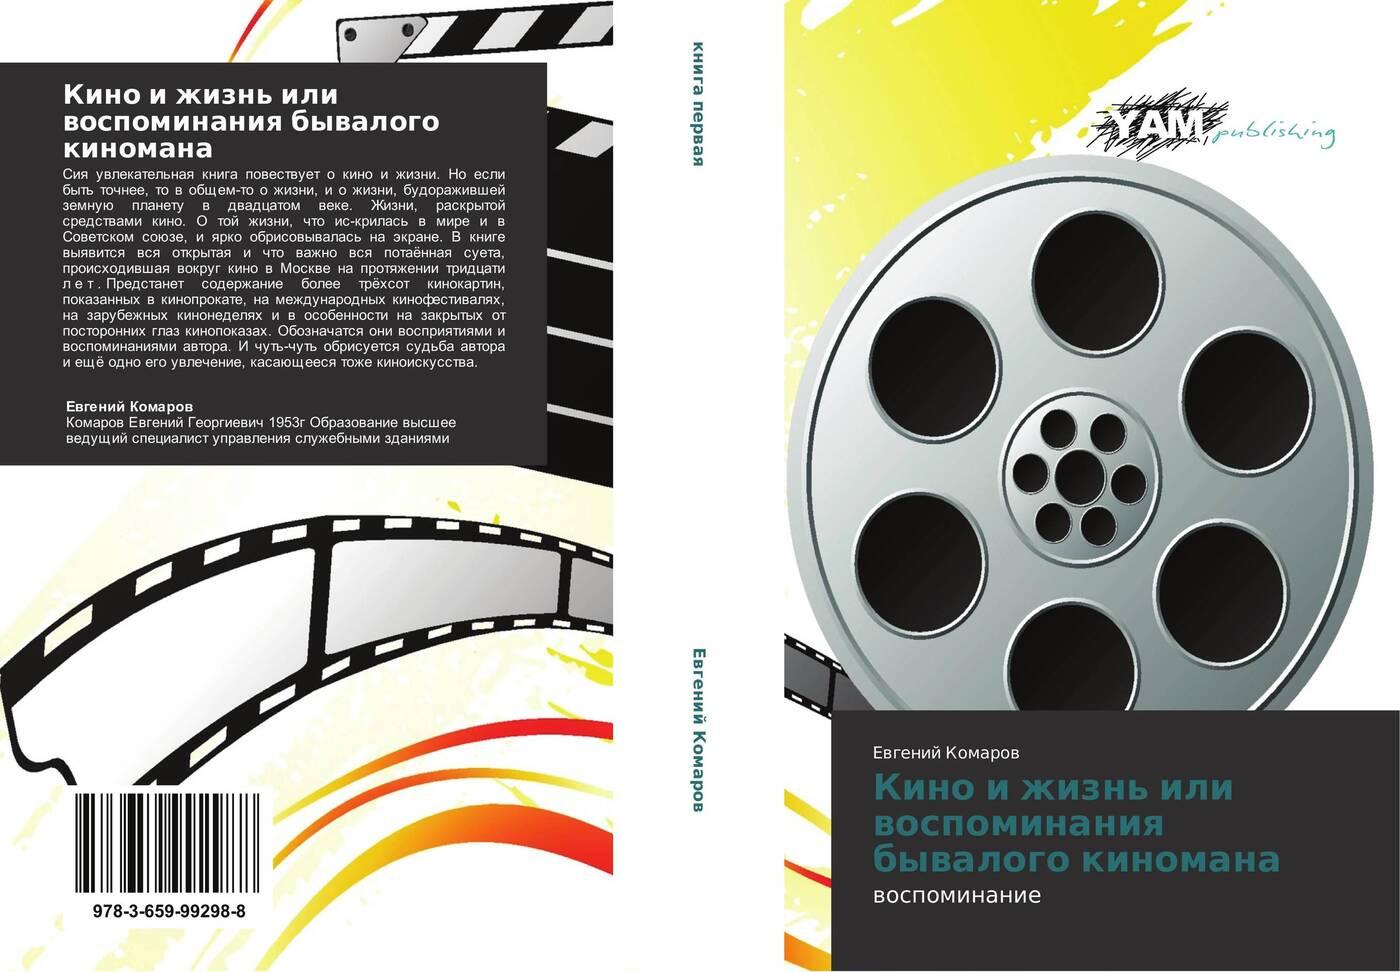 Евгений Комаров Кино и жизнь или воспоминания бывалого киномана